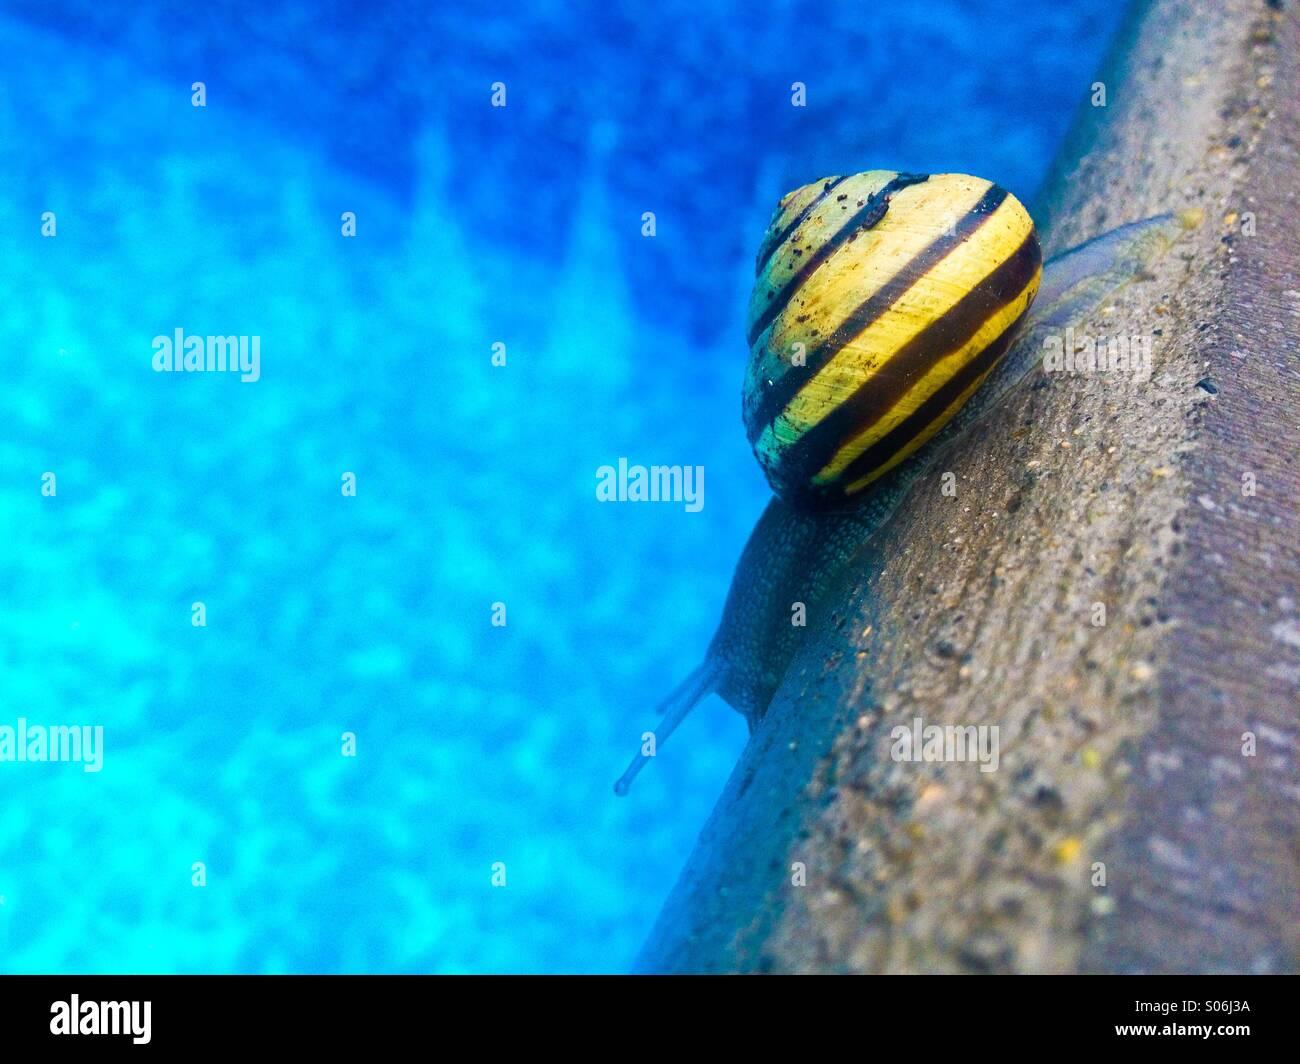 Gelb-gestreiften Schnecke Tippbetrieb seinen Weg neben dem Schwimmbadrand an einem regnerischen Tag. Stockbild